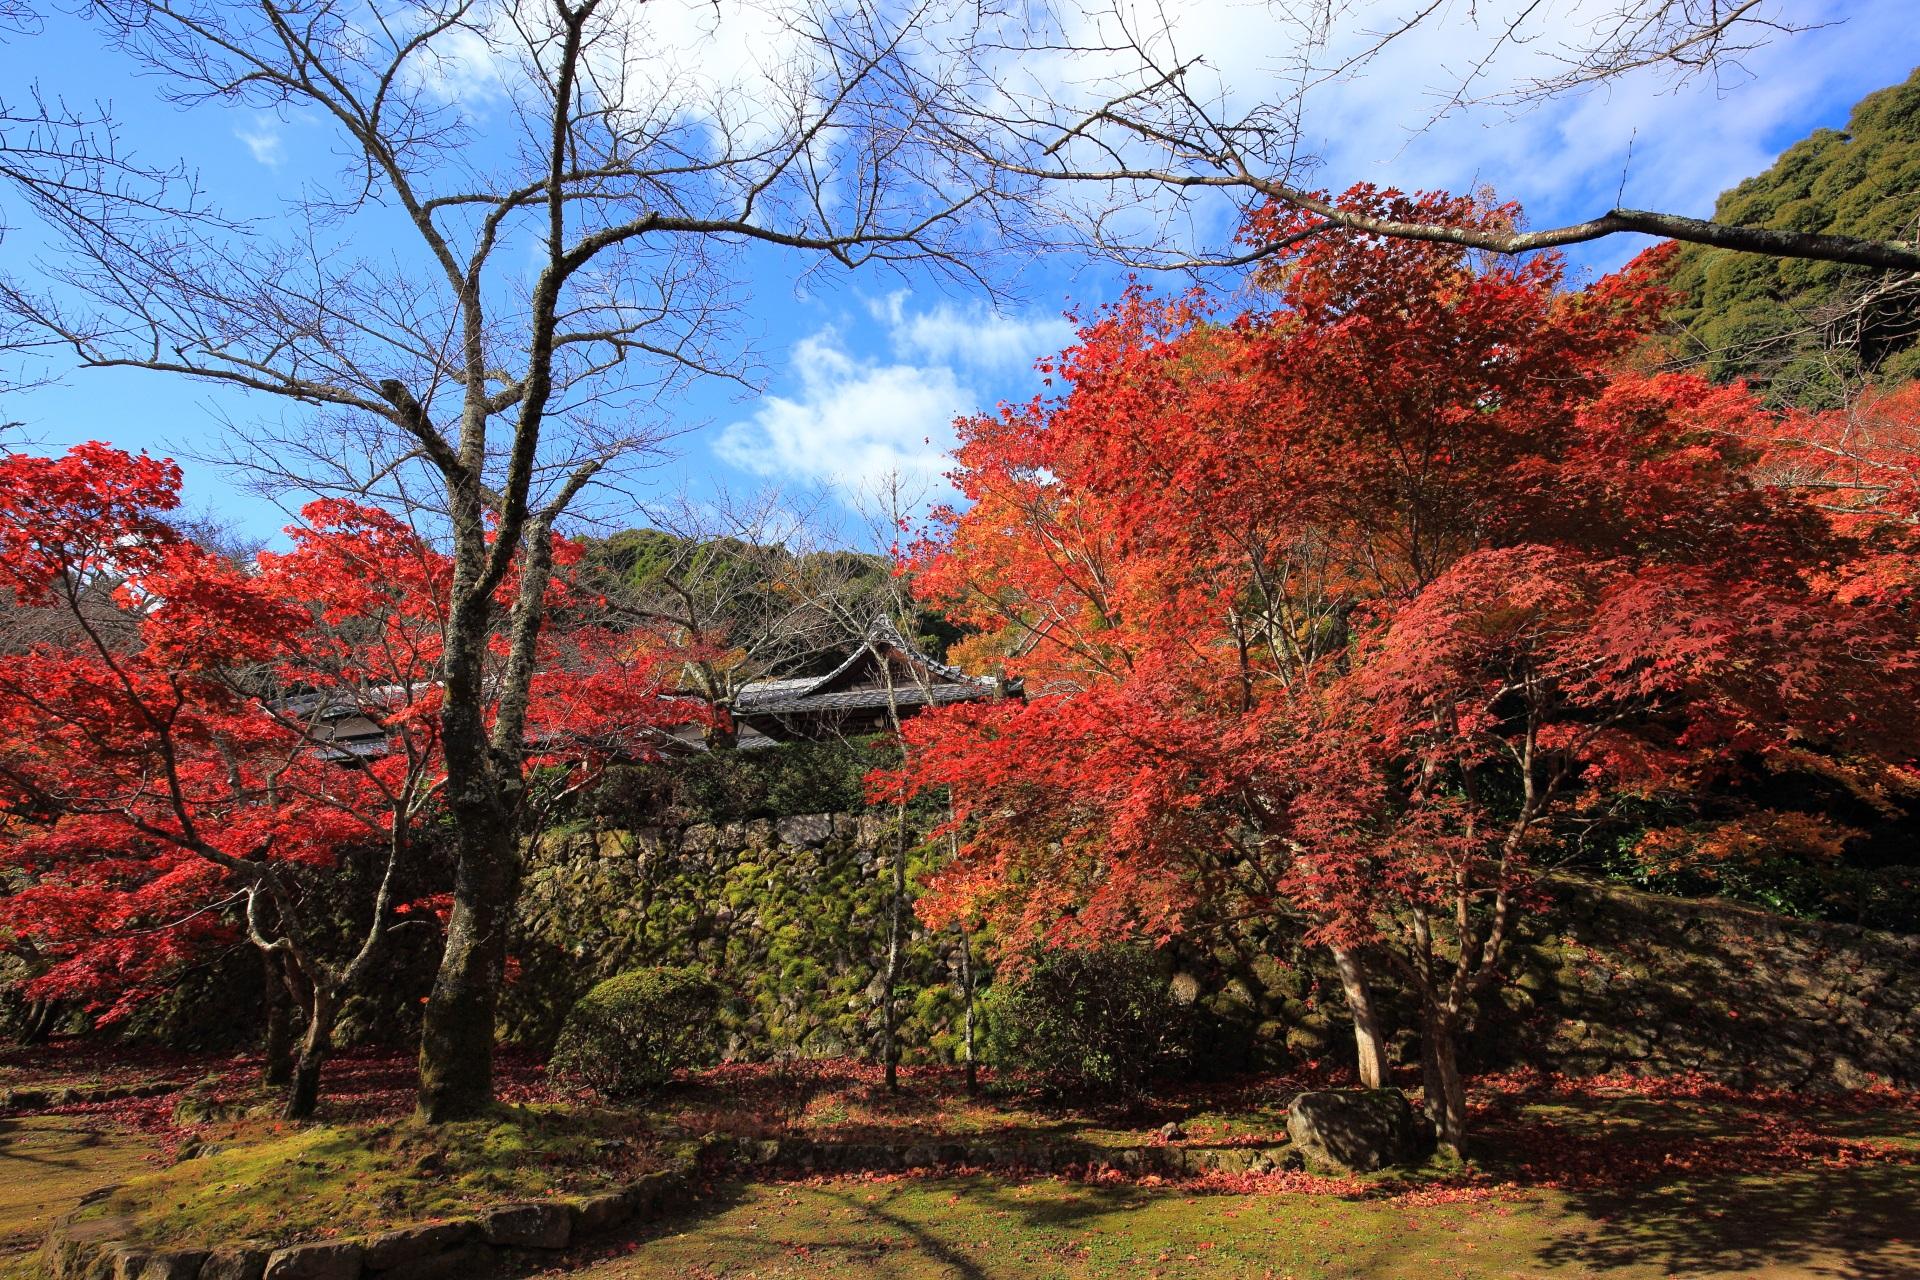 勝持寺の境内(庭園)の奥の方にある「桜ヶ丘」の紅葉